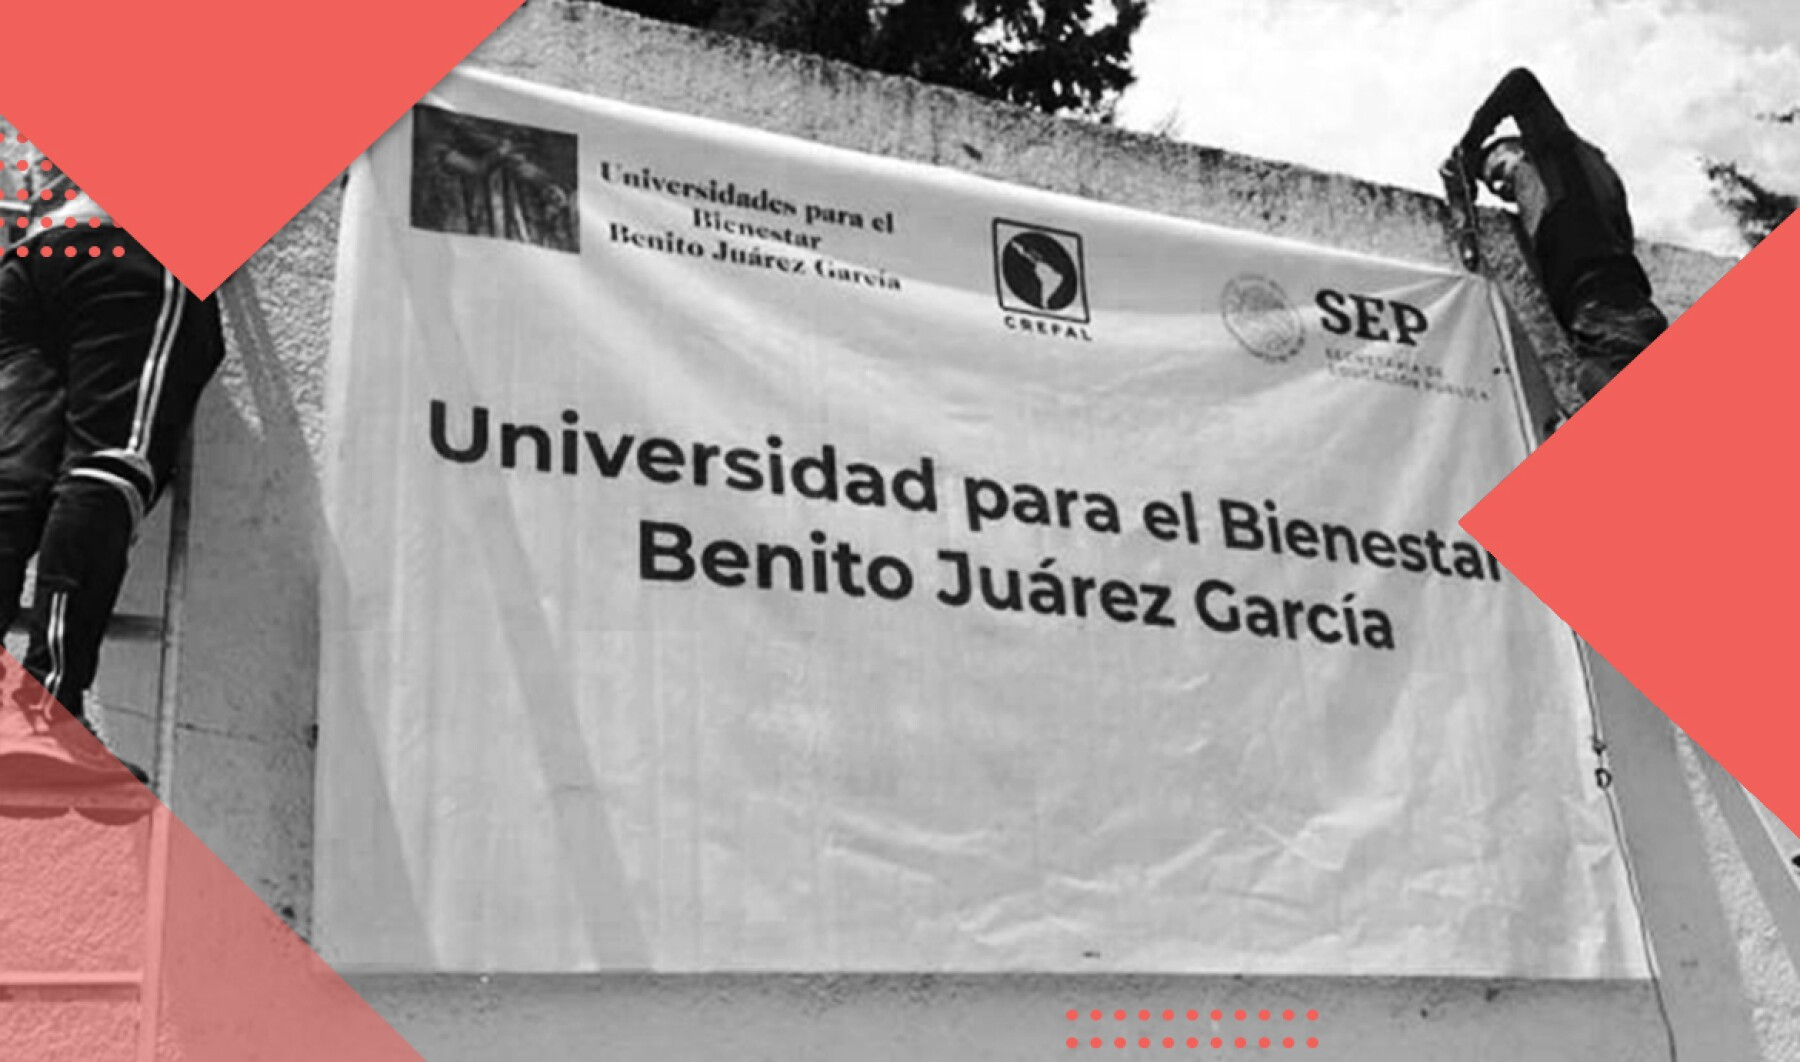 universidades_bj2.jpg